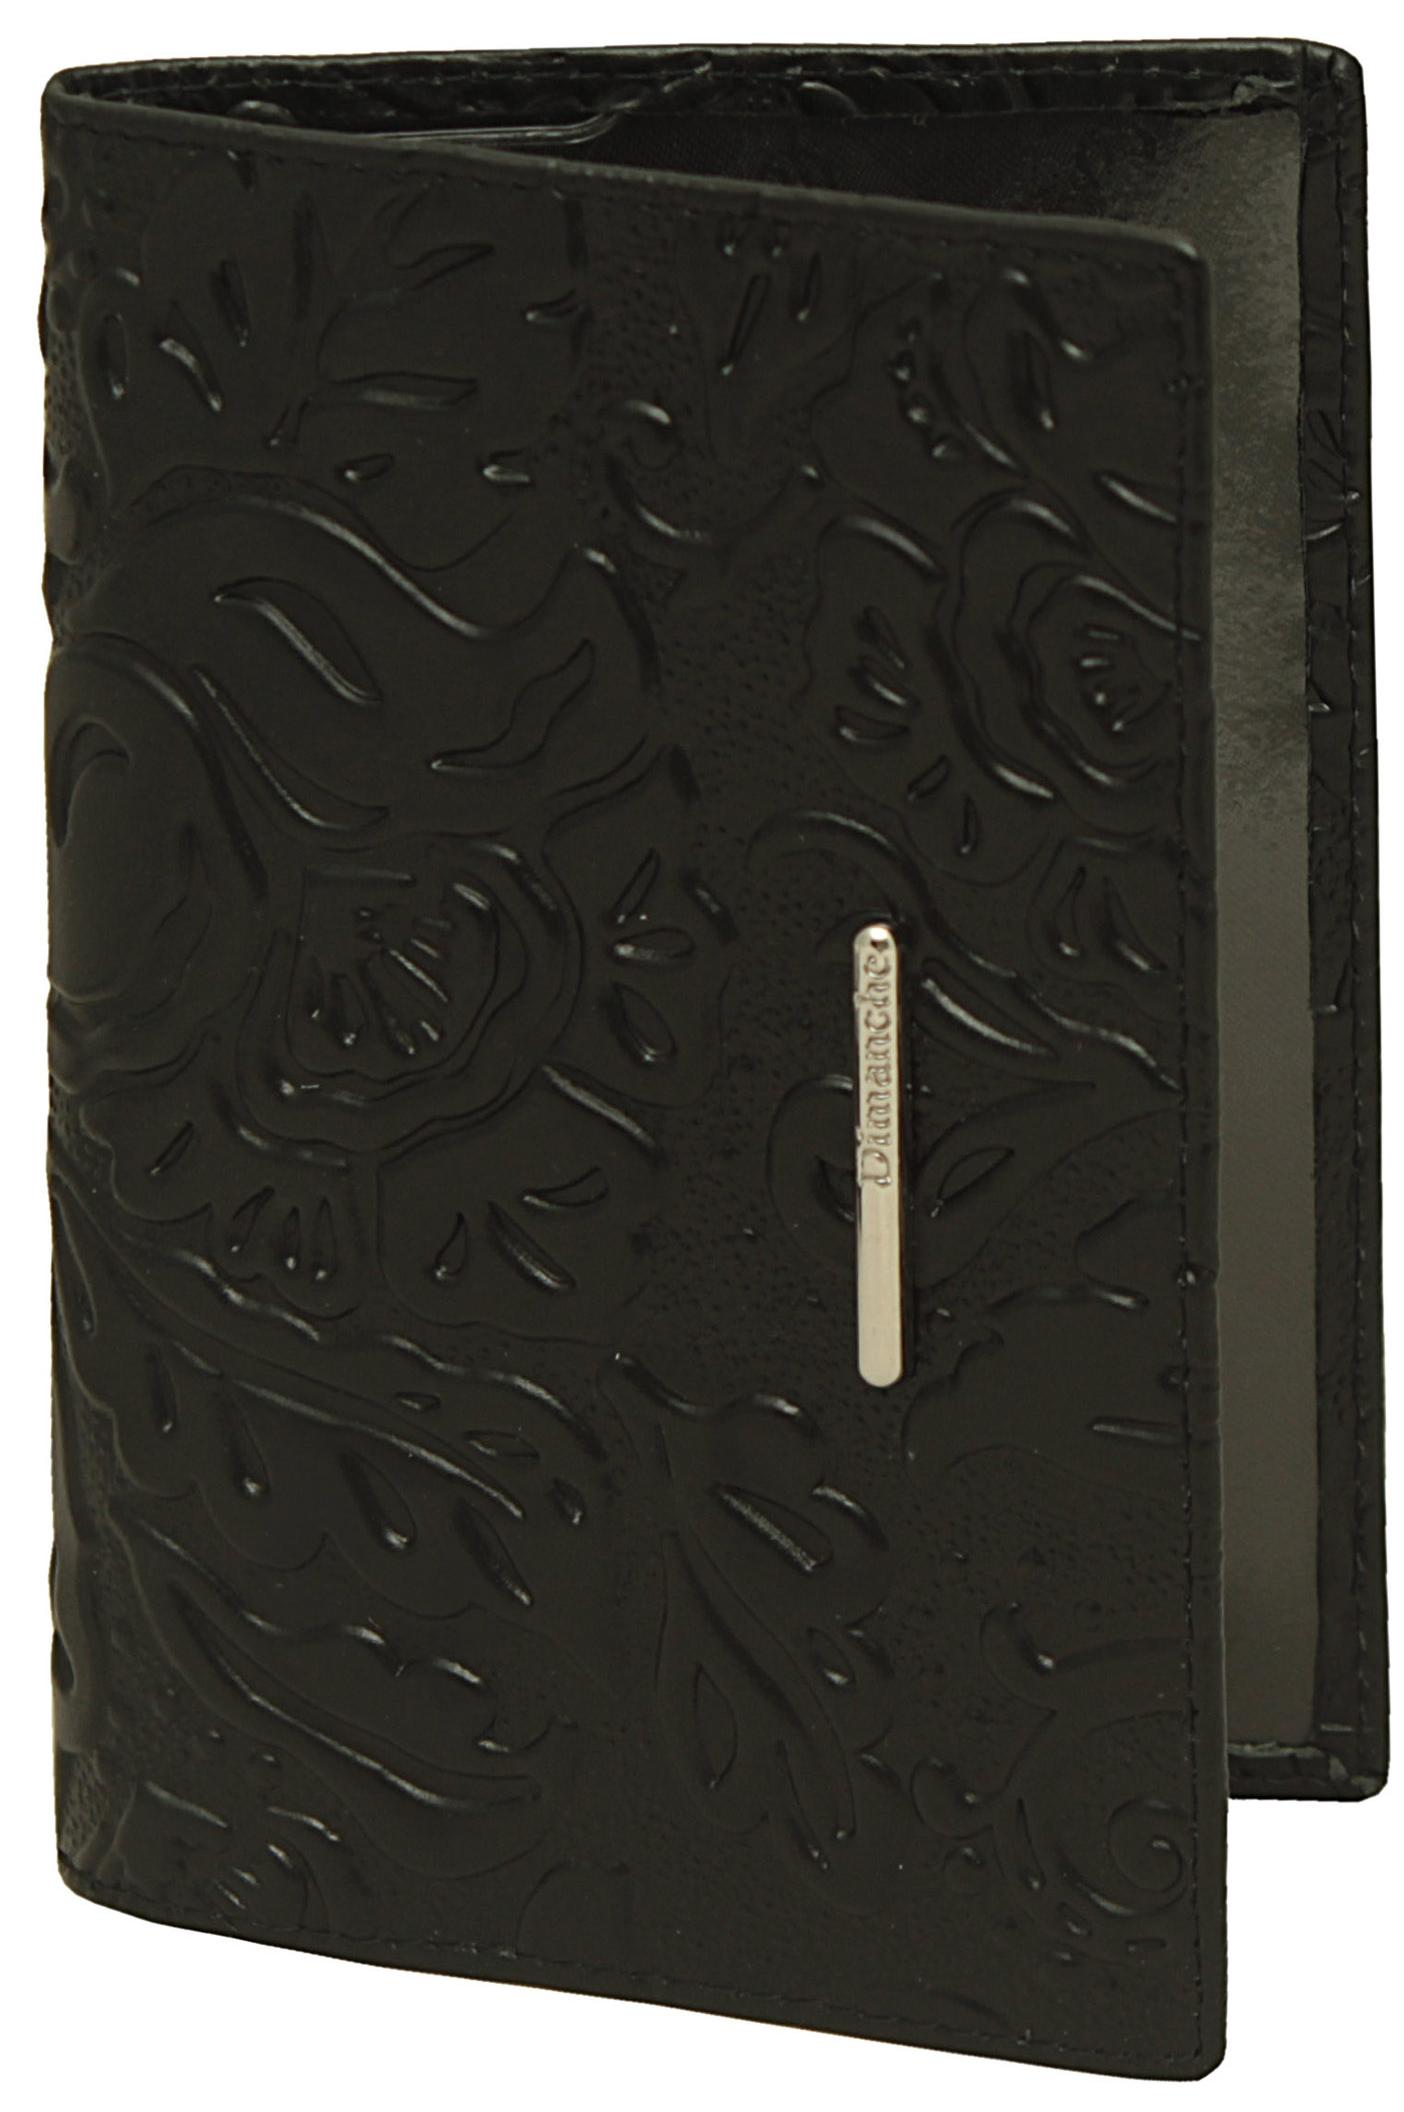 Обложка для паспорта женская Dimanche, цвет: черный. 350350Обложка для паспорта Dimanche, выполненная из натуральной лаковой кожи, оформлена декоративным тиснением и металлической пластинкой сназванием бренда. Внутри расположено два кармана для фиксации документа. Обложка для паспорта сохранит внешний вид вашего документа изащитит от повреждений.